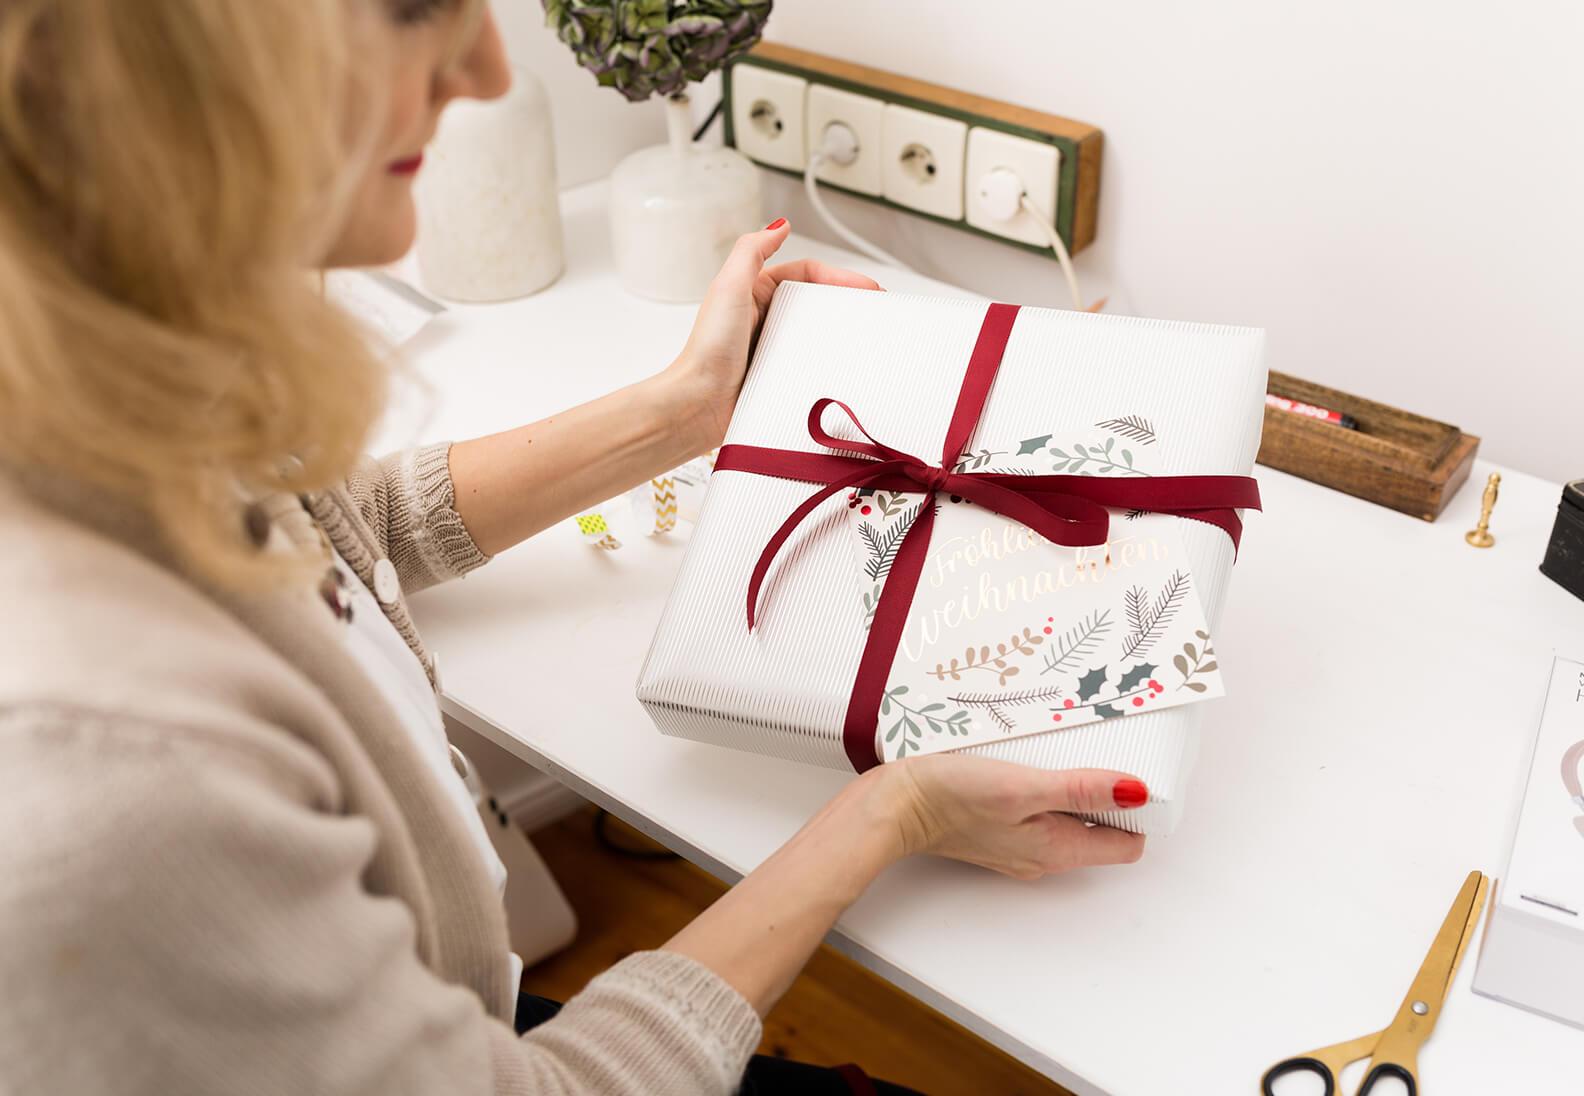 Freude versenden leicht gemacht – sisterMAG testet die Online Frankierung von DHL